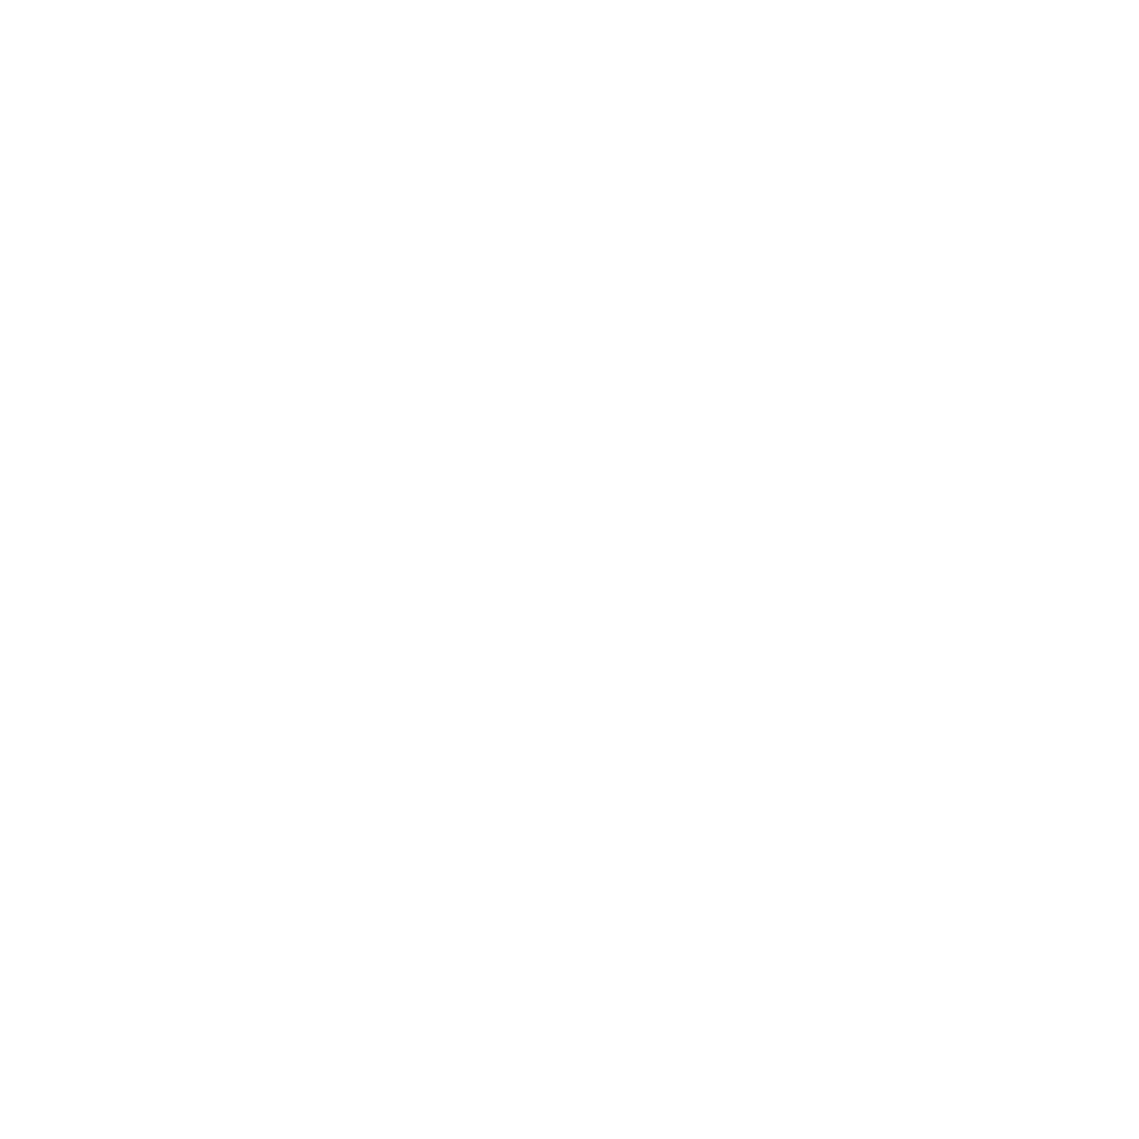 EuropeGuest